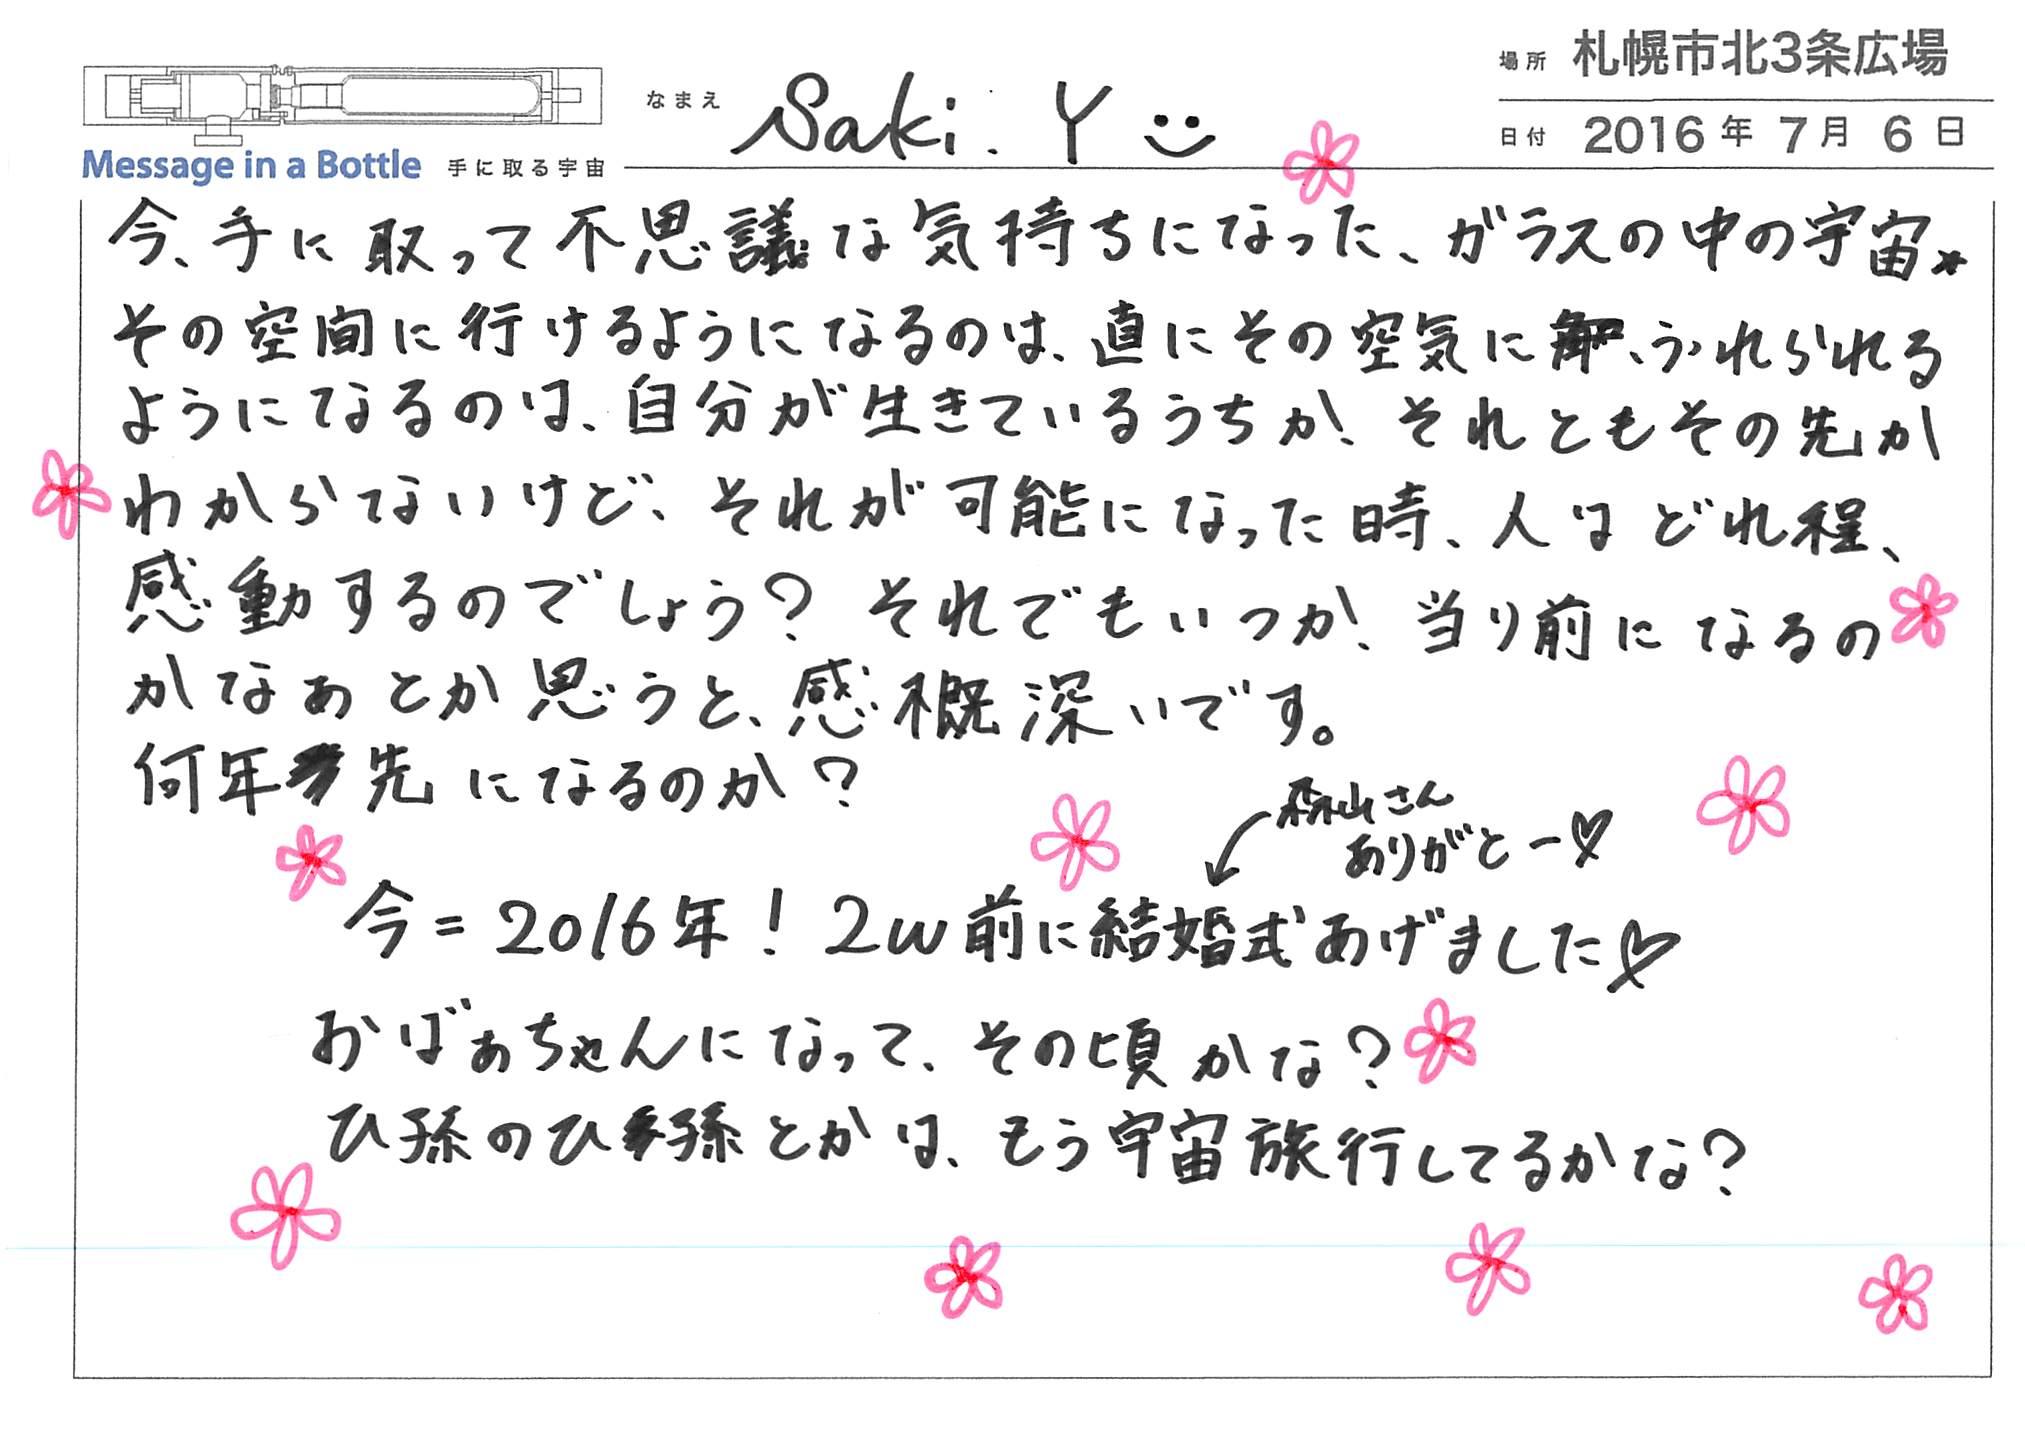 2016-07-06-20-13-21.jpg